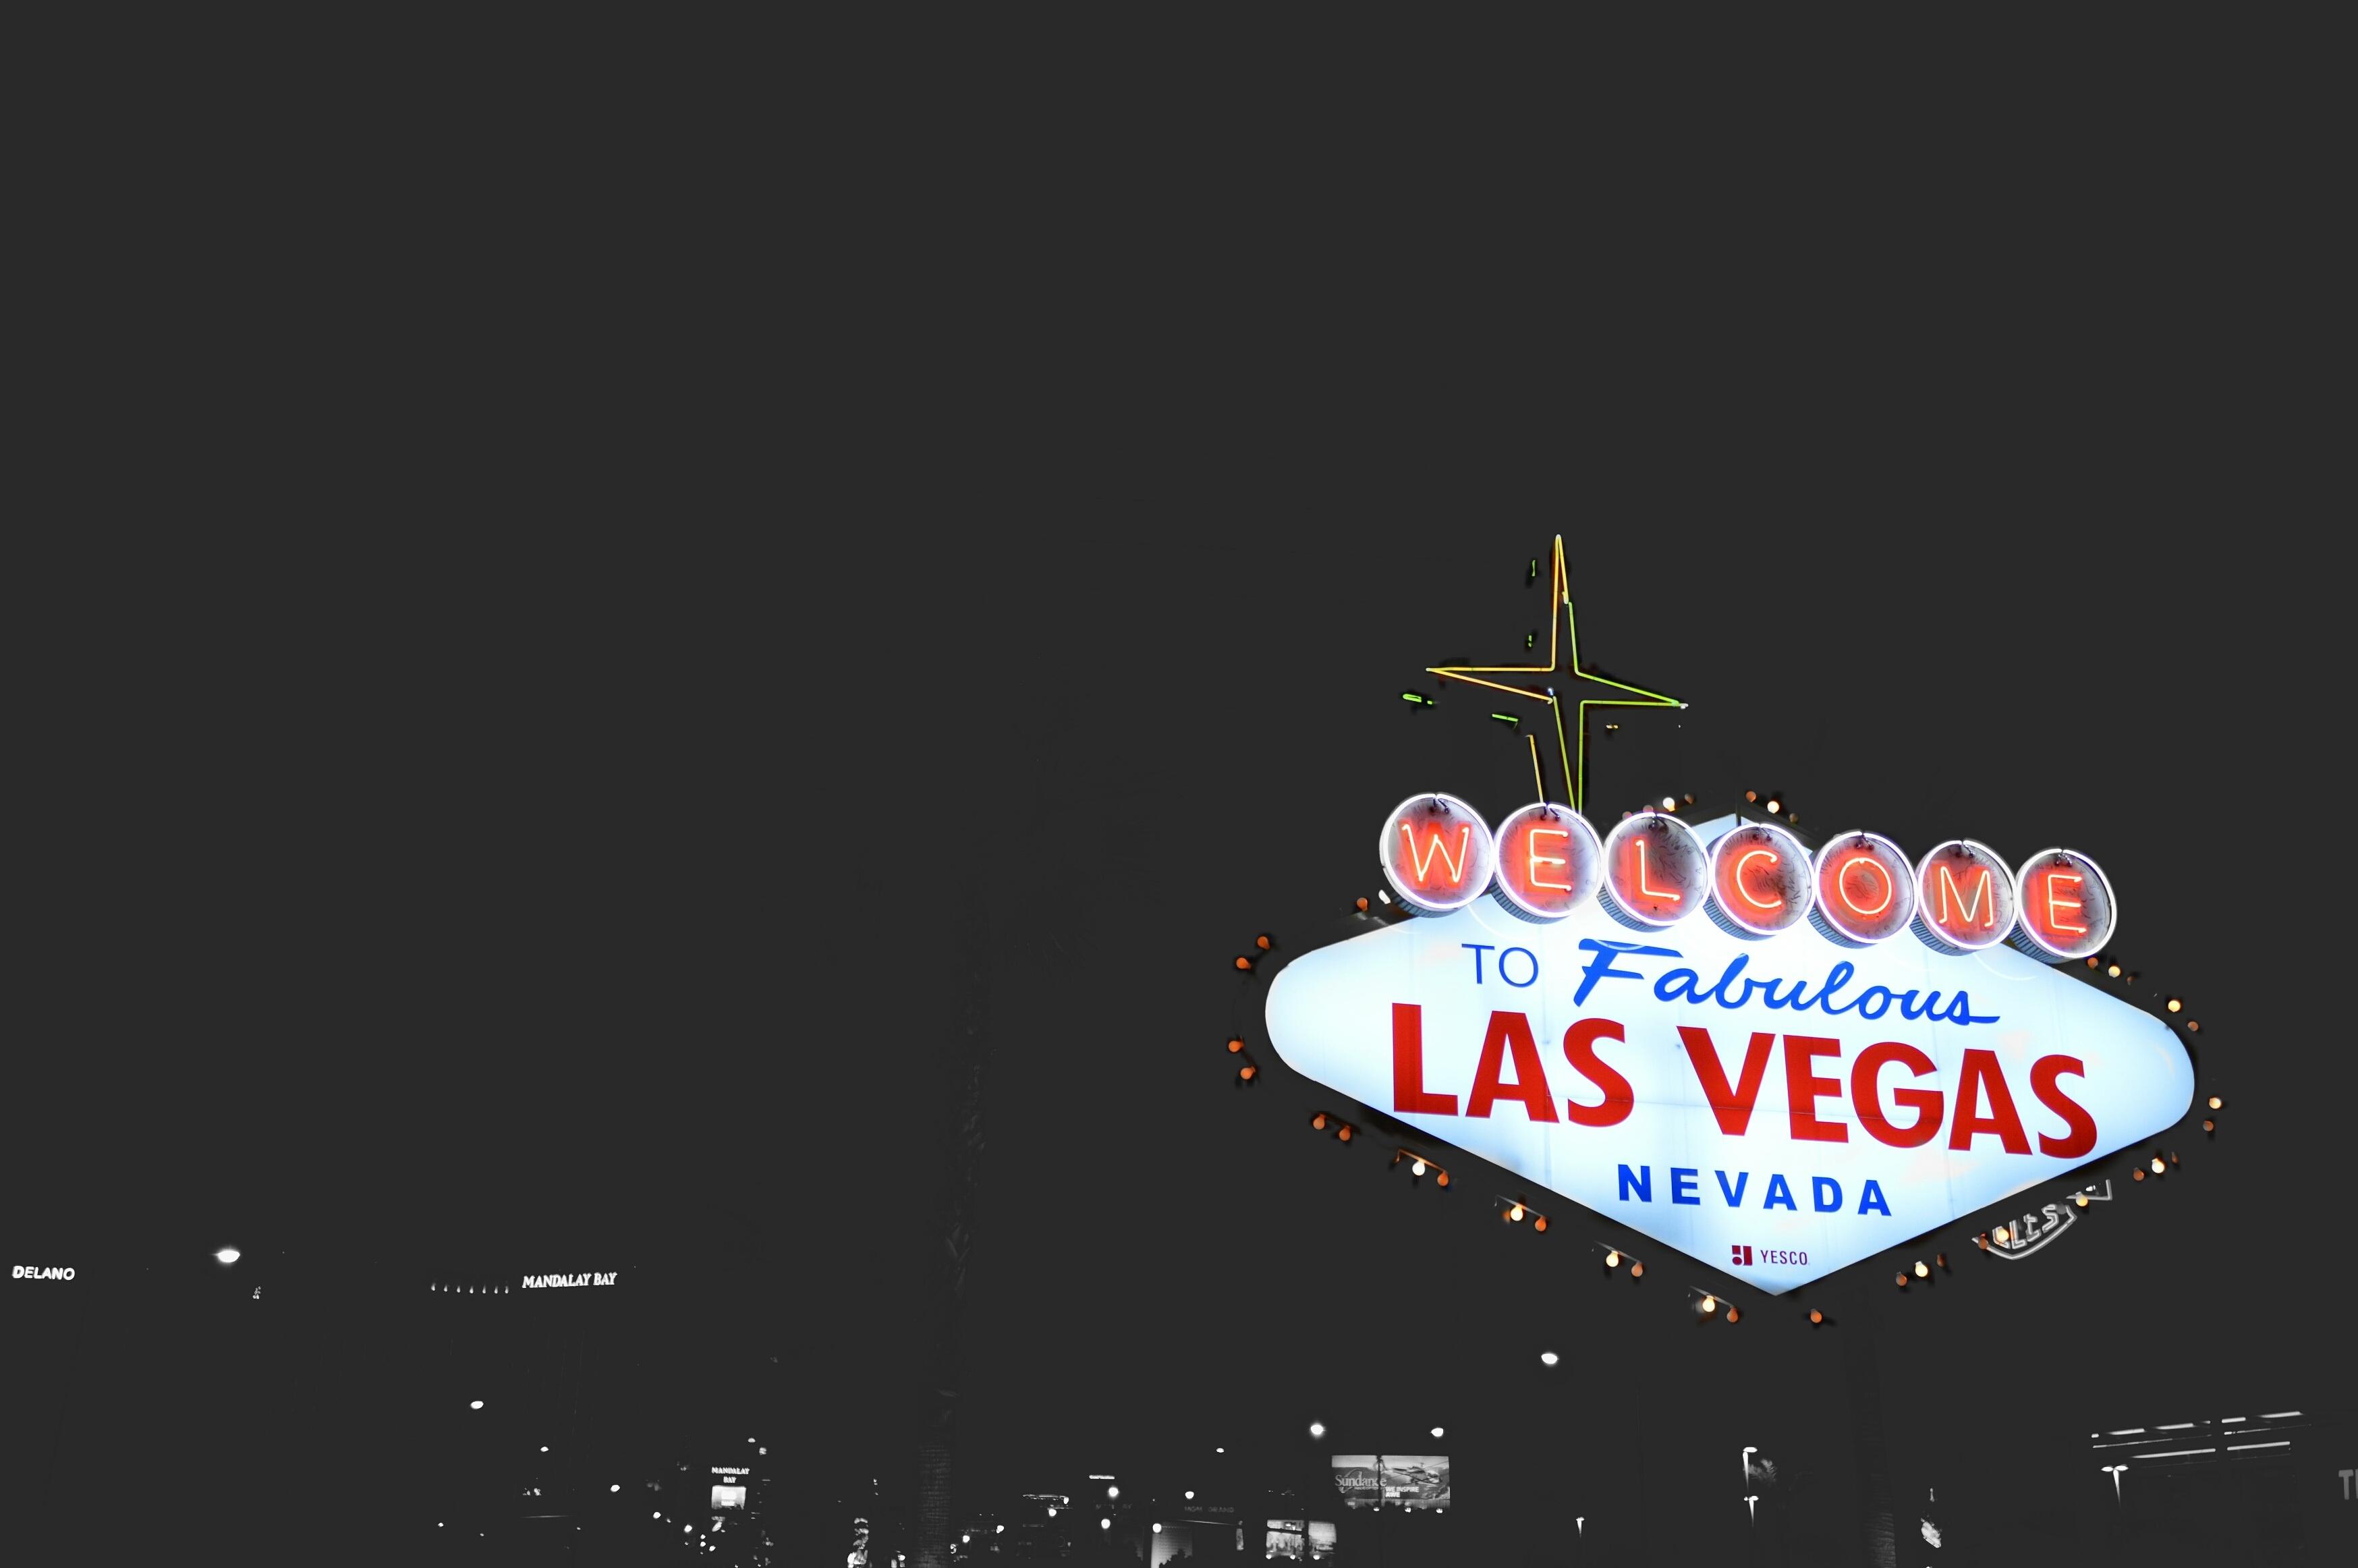 Collaborate17 Las Vegas